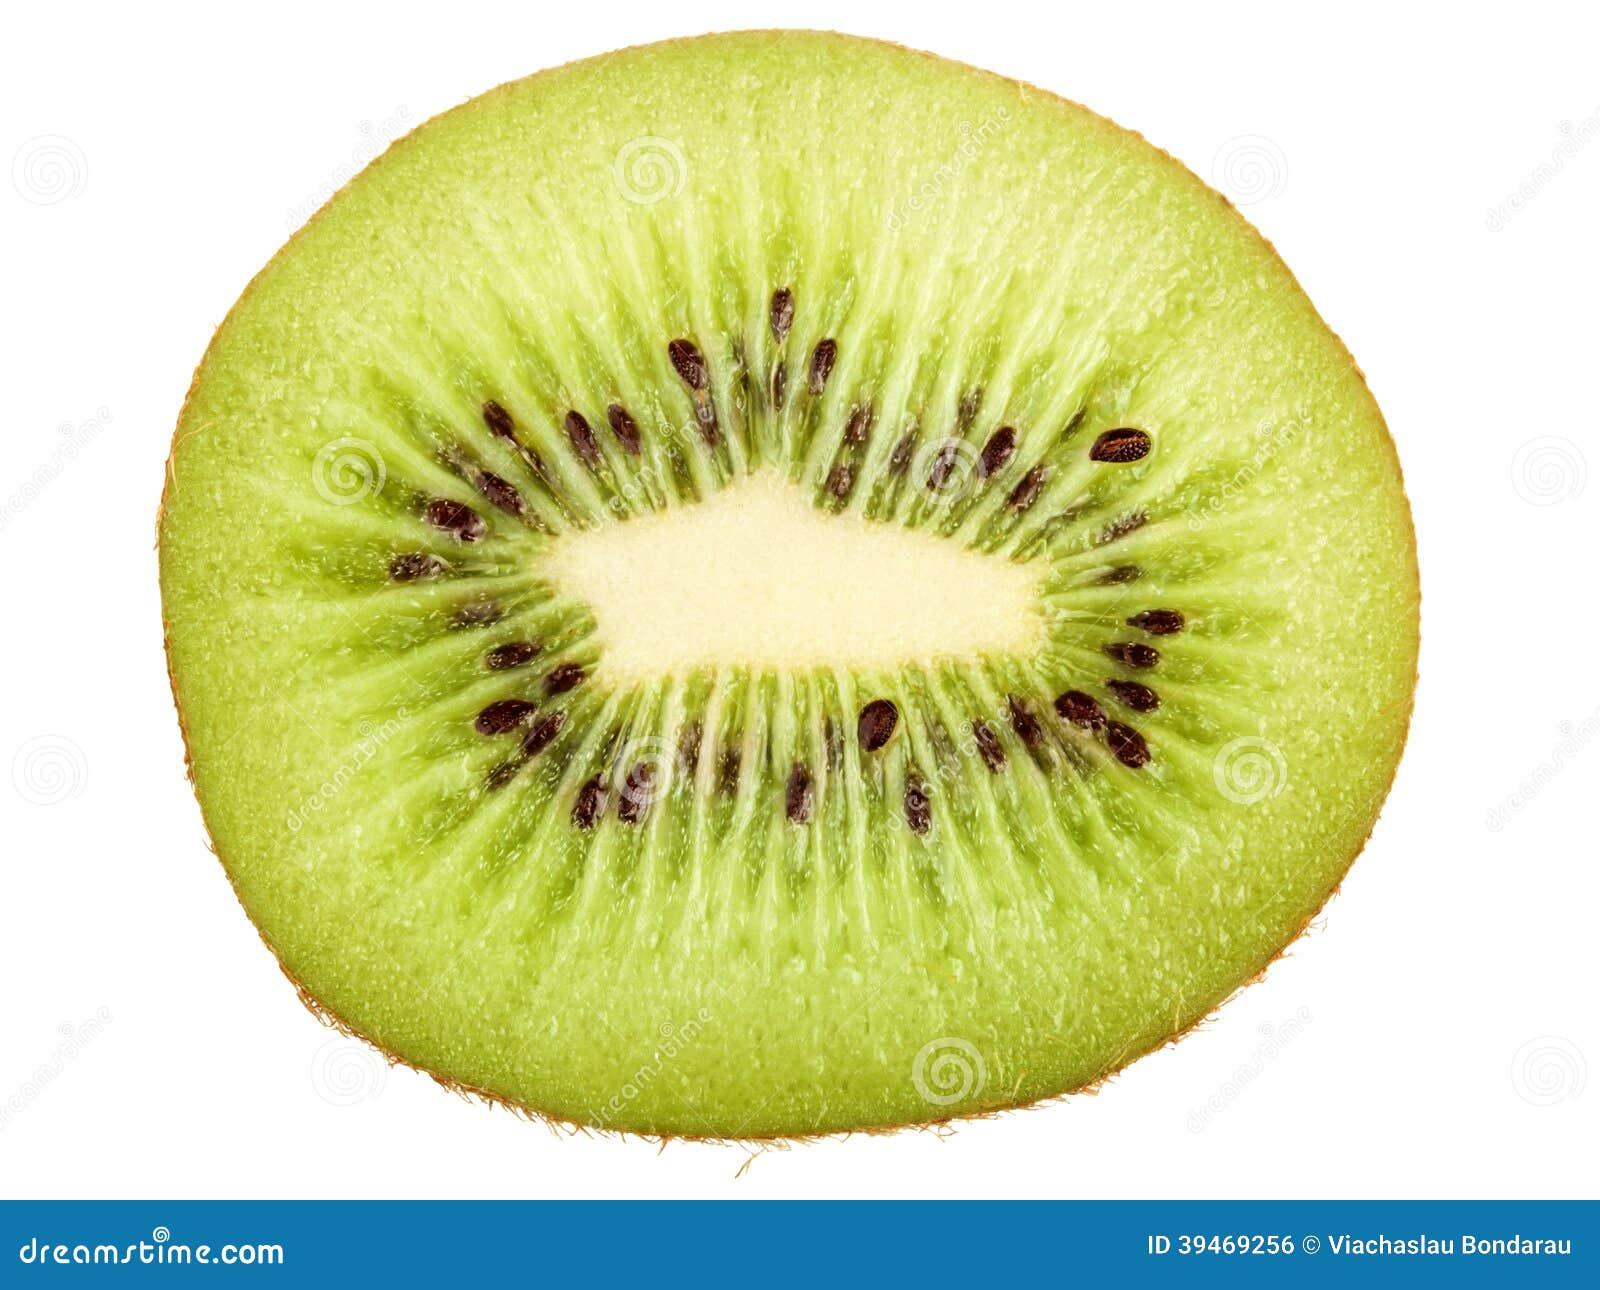 Kiwi fruit cut in half close up - Slice Of Kiwi Stock Photo Image 39469256